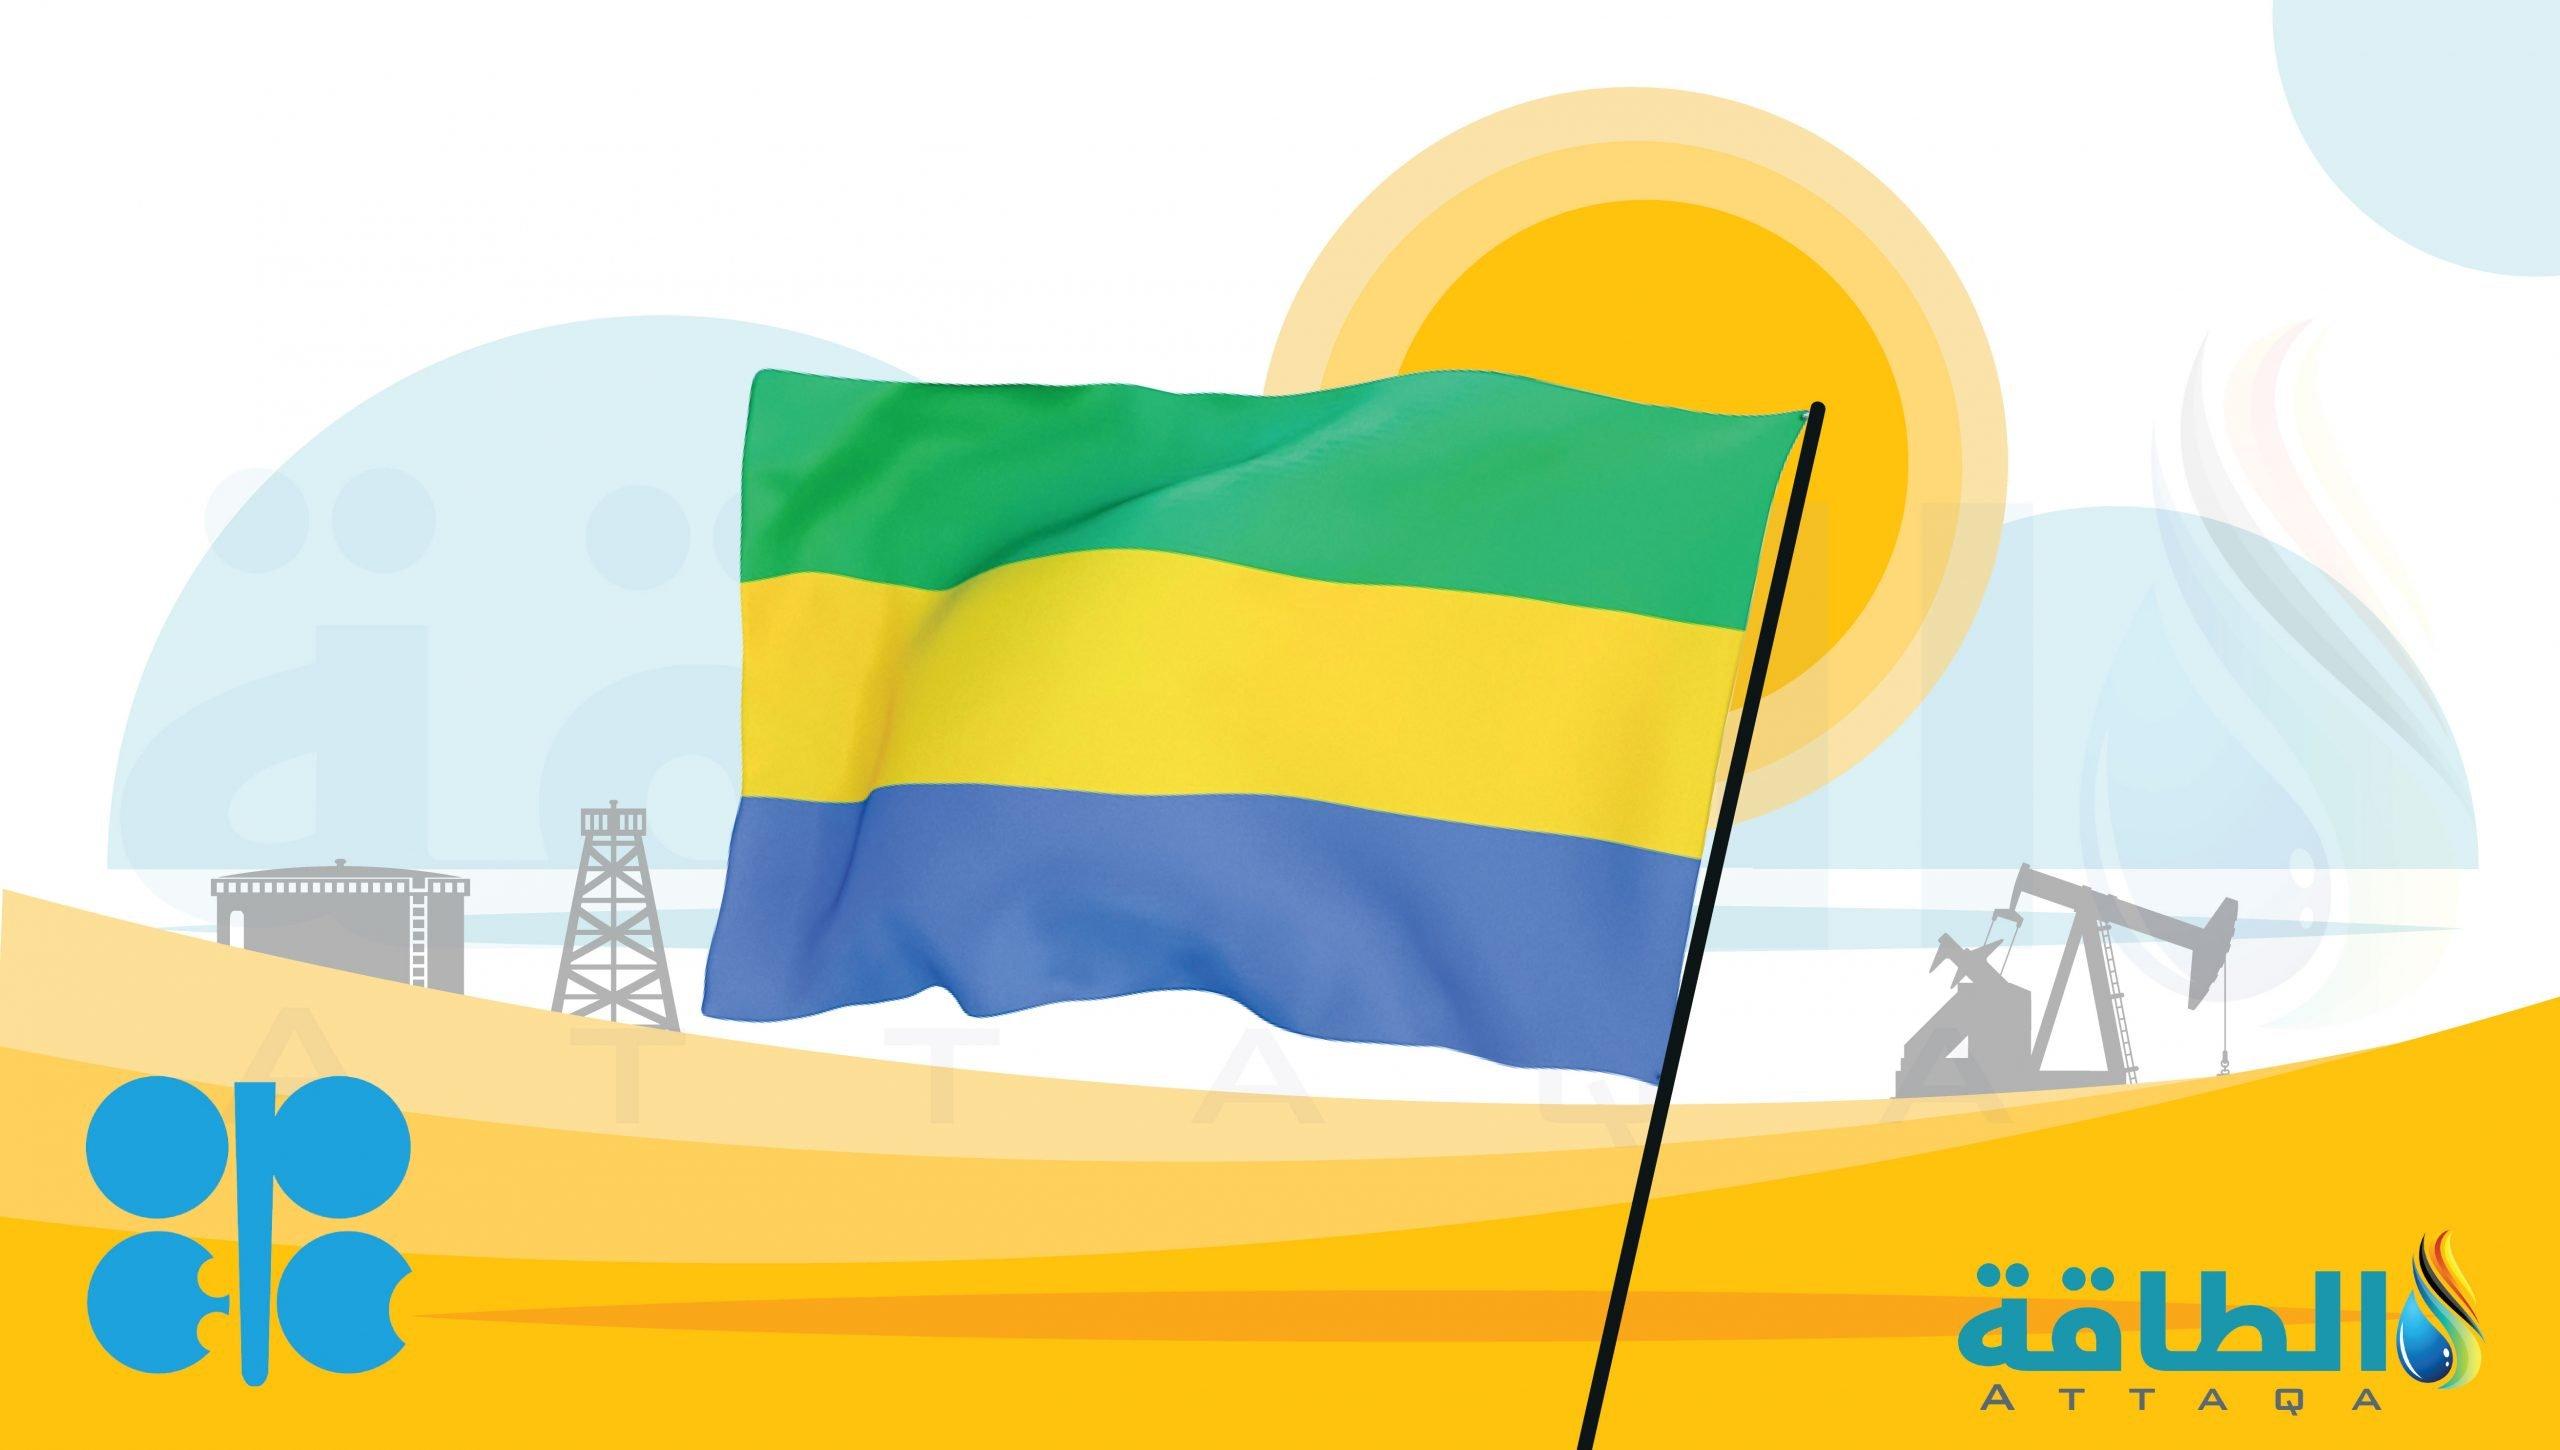 الغابون - إنتاج النفط في الغابون